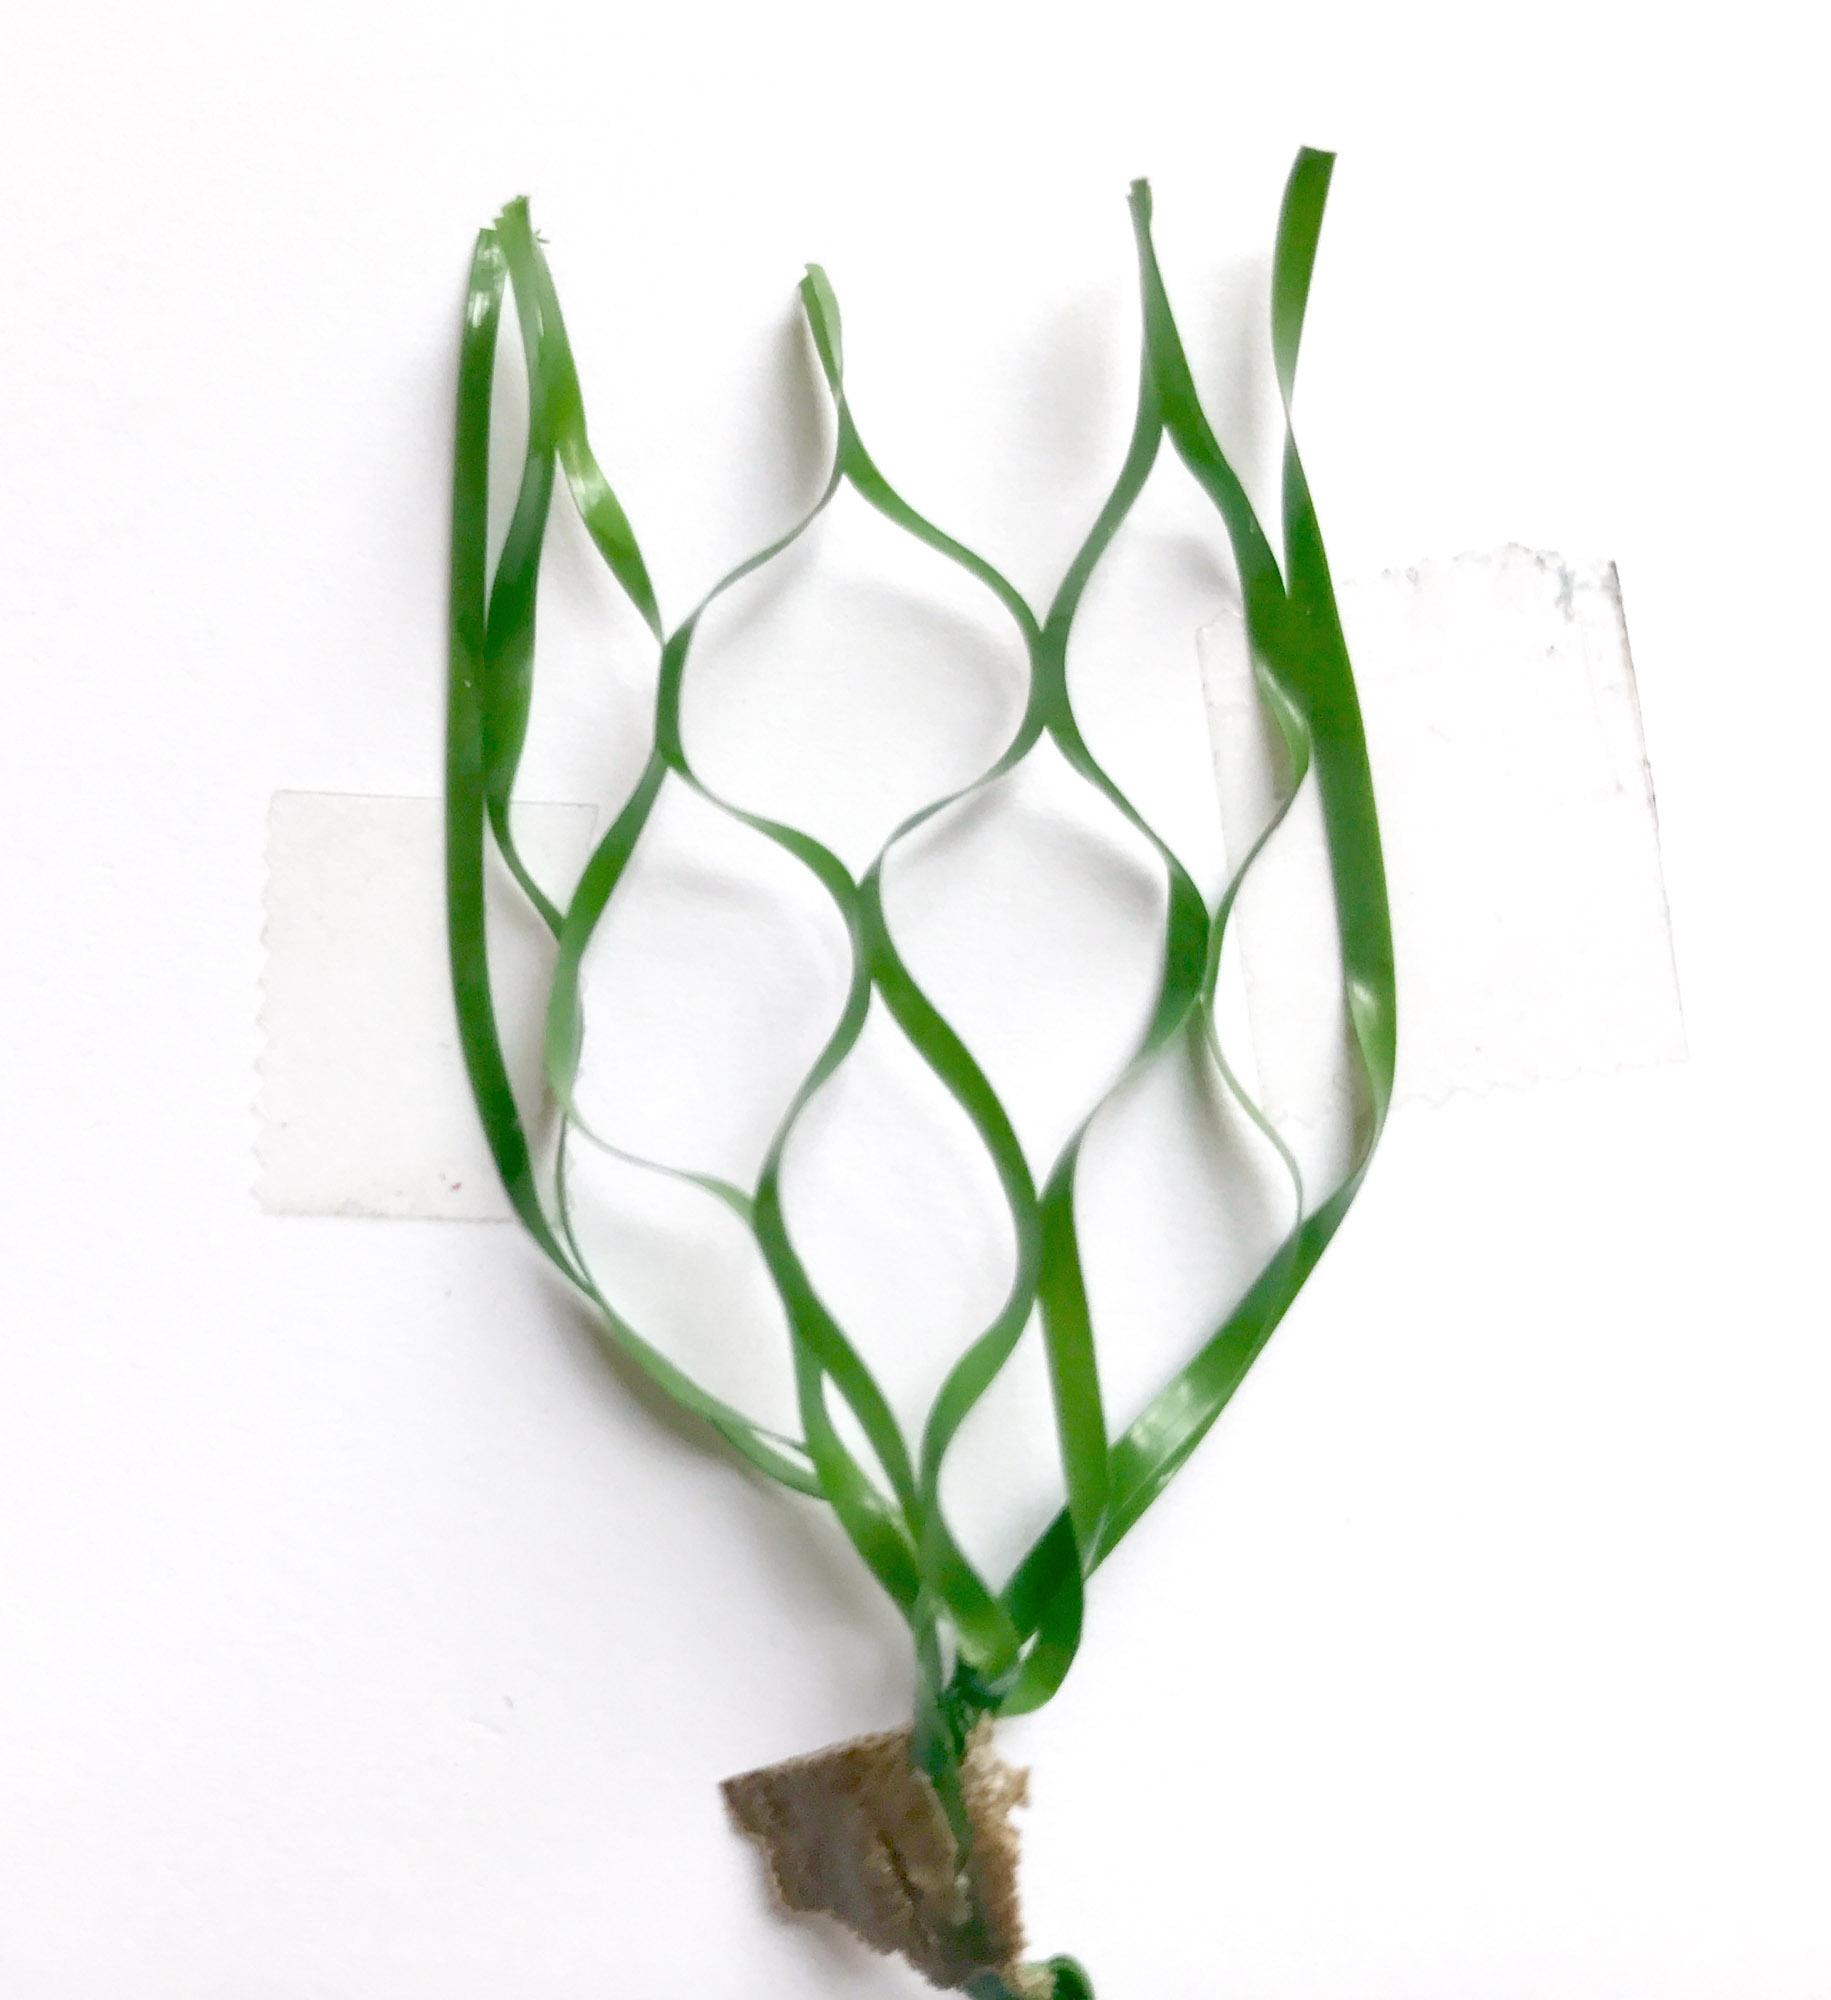 Honeycomb-like slit film fibers